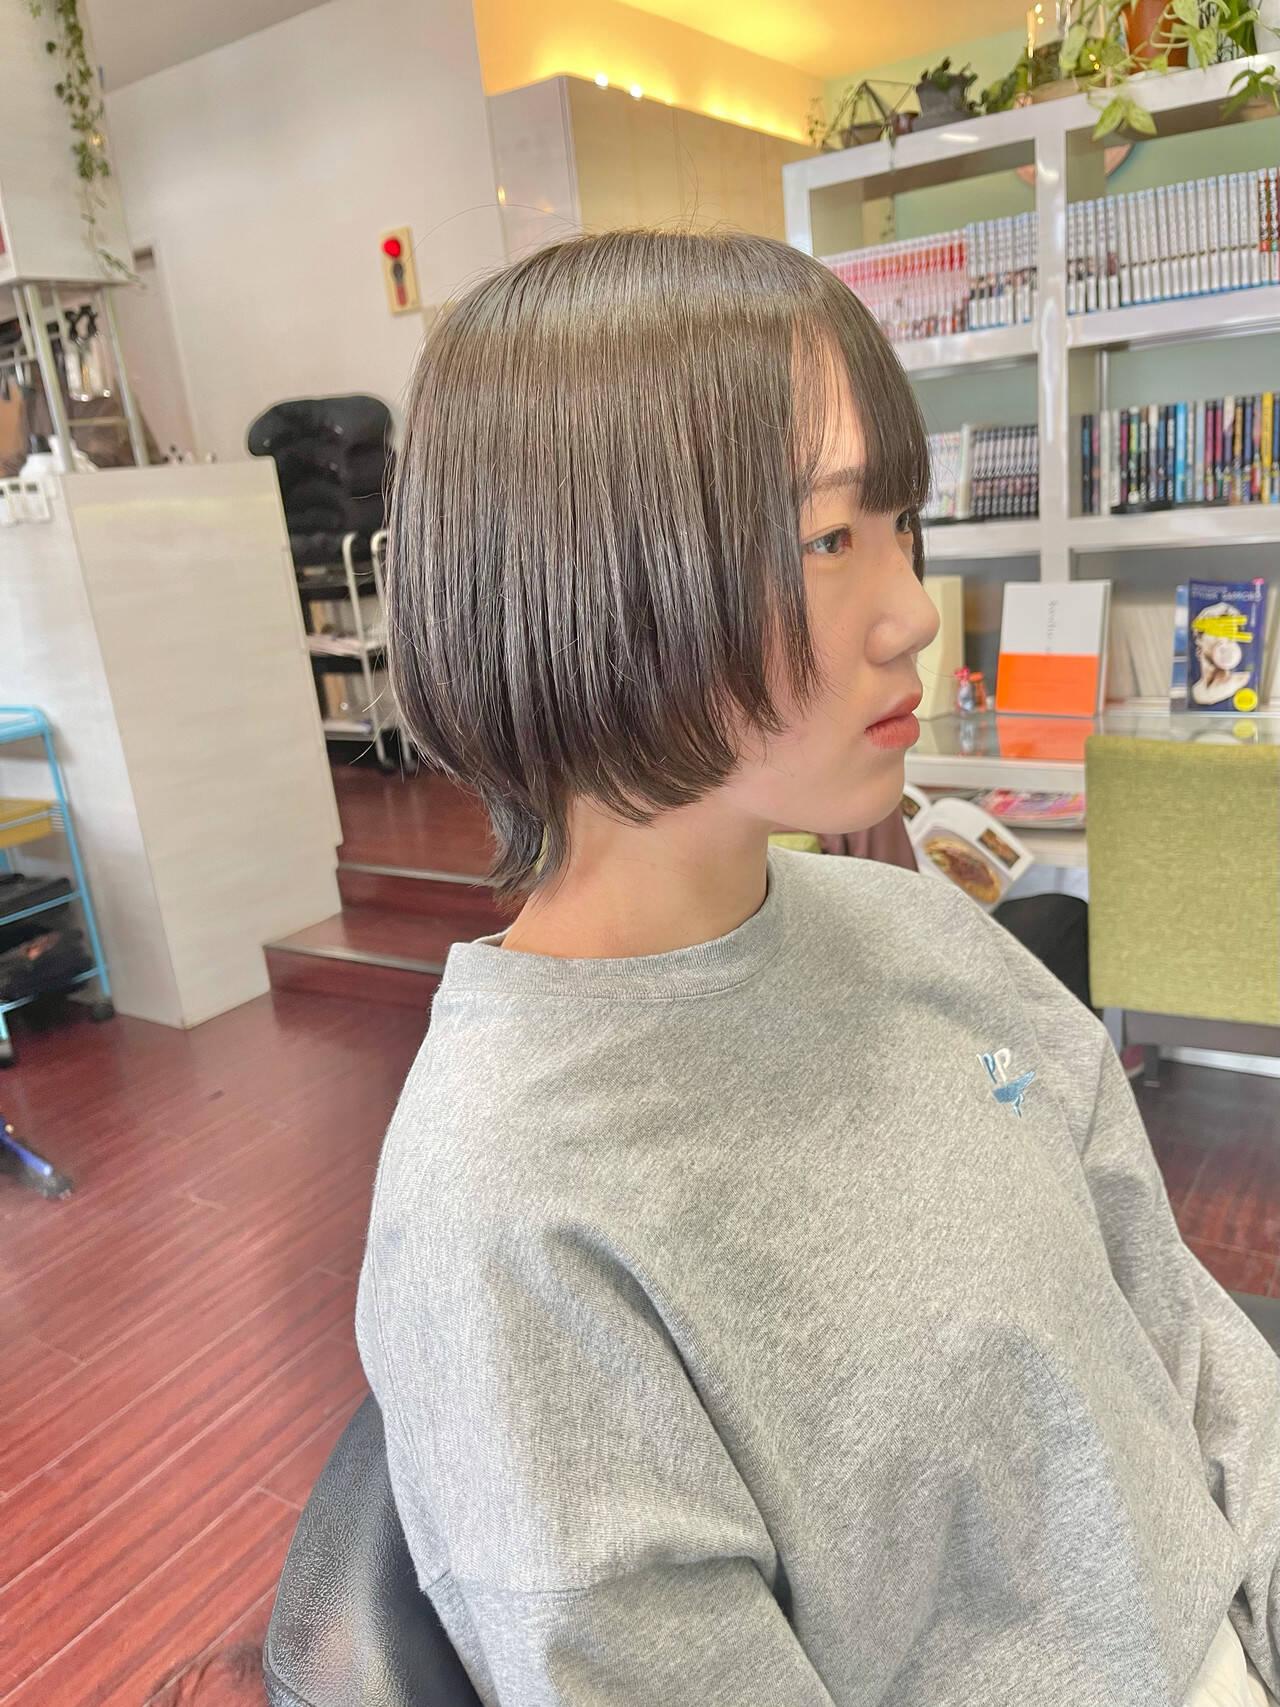 ウルフ女子 ウルフカット マッシュウルフ ショートヘアスタイルや髪型の写真・画像